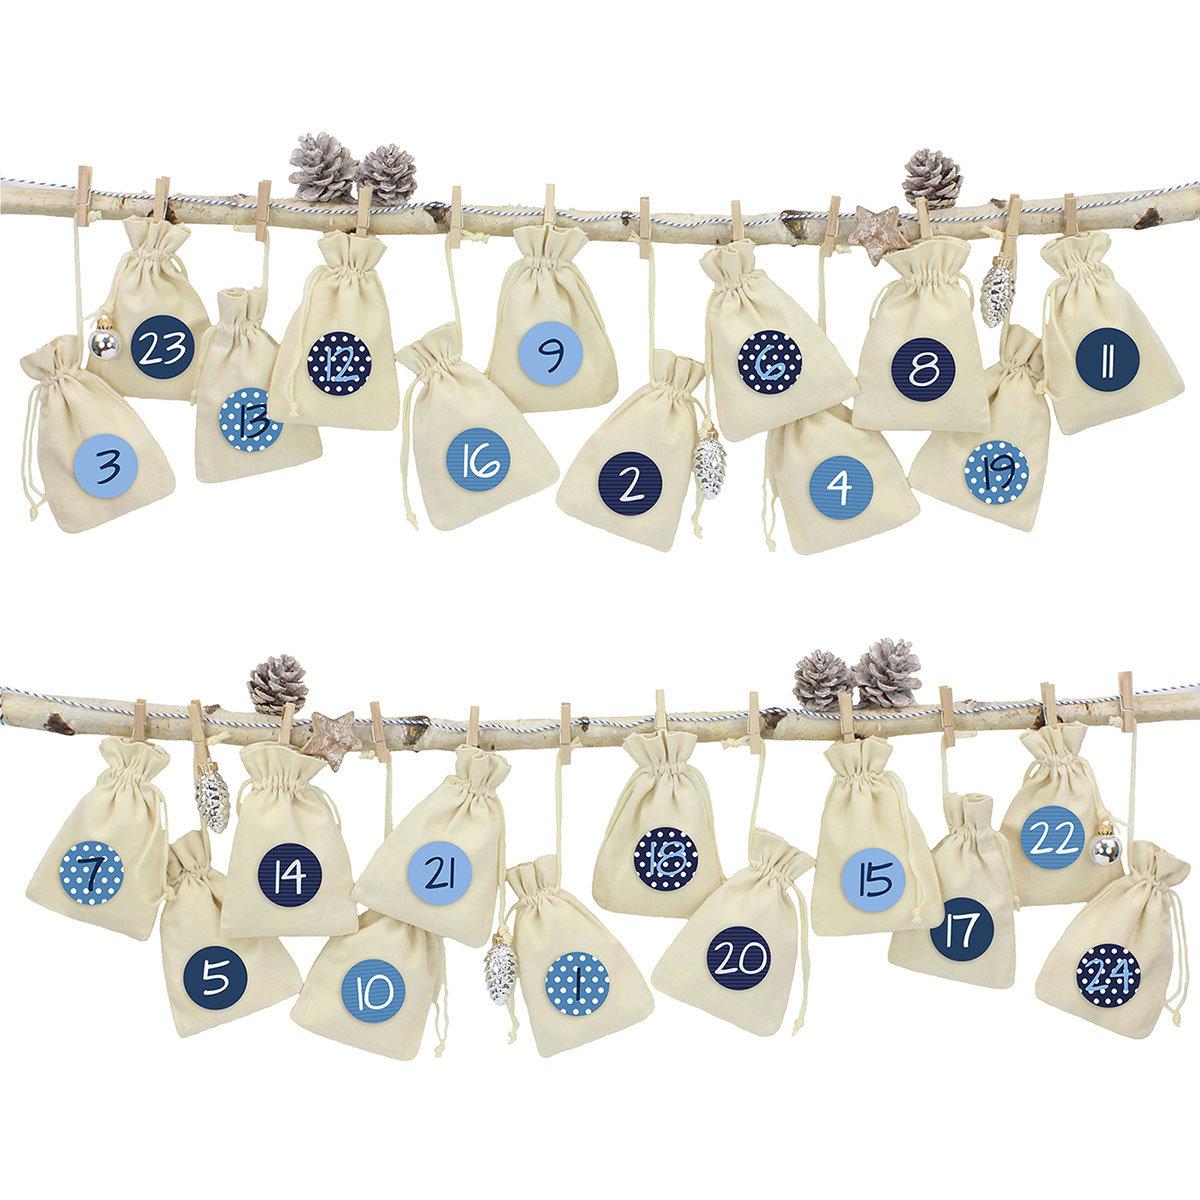 24 adventskalender stoffs ckchen zum aufh ngen leinen blau papierdrachen. Black Bedroom Furniture Sets. Home Design Ideas